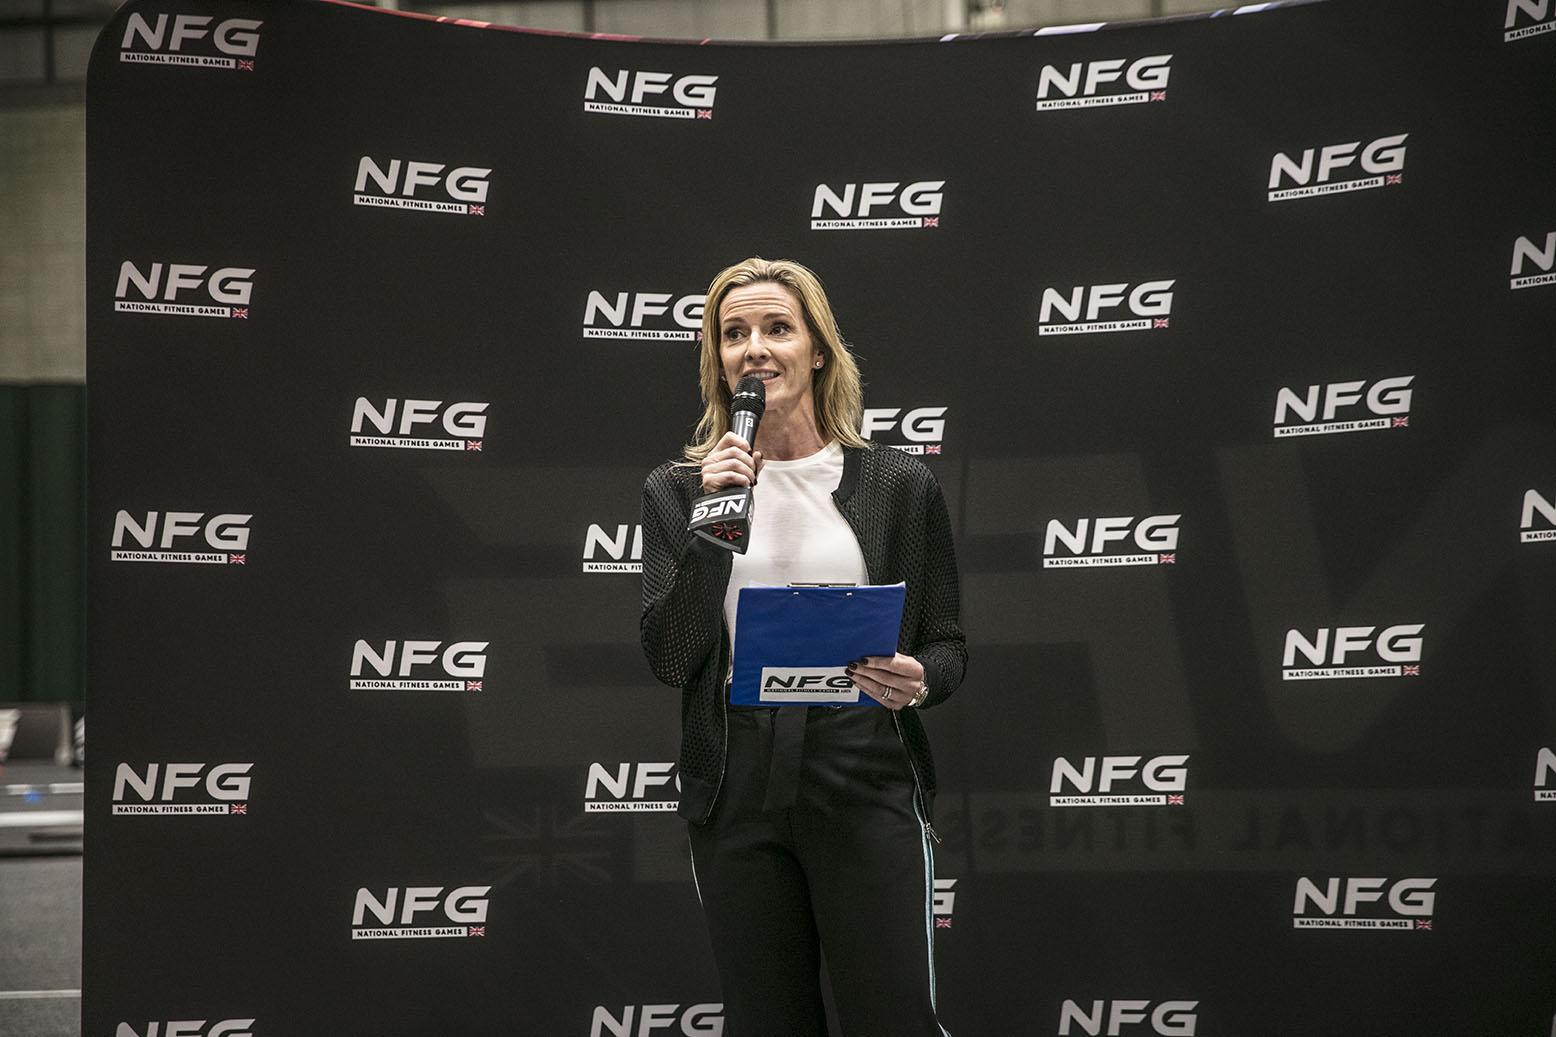 NFG_LB_4544